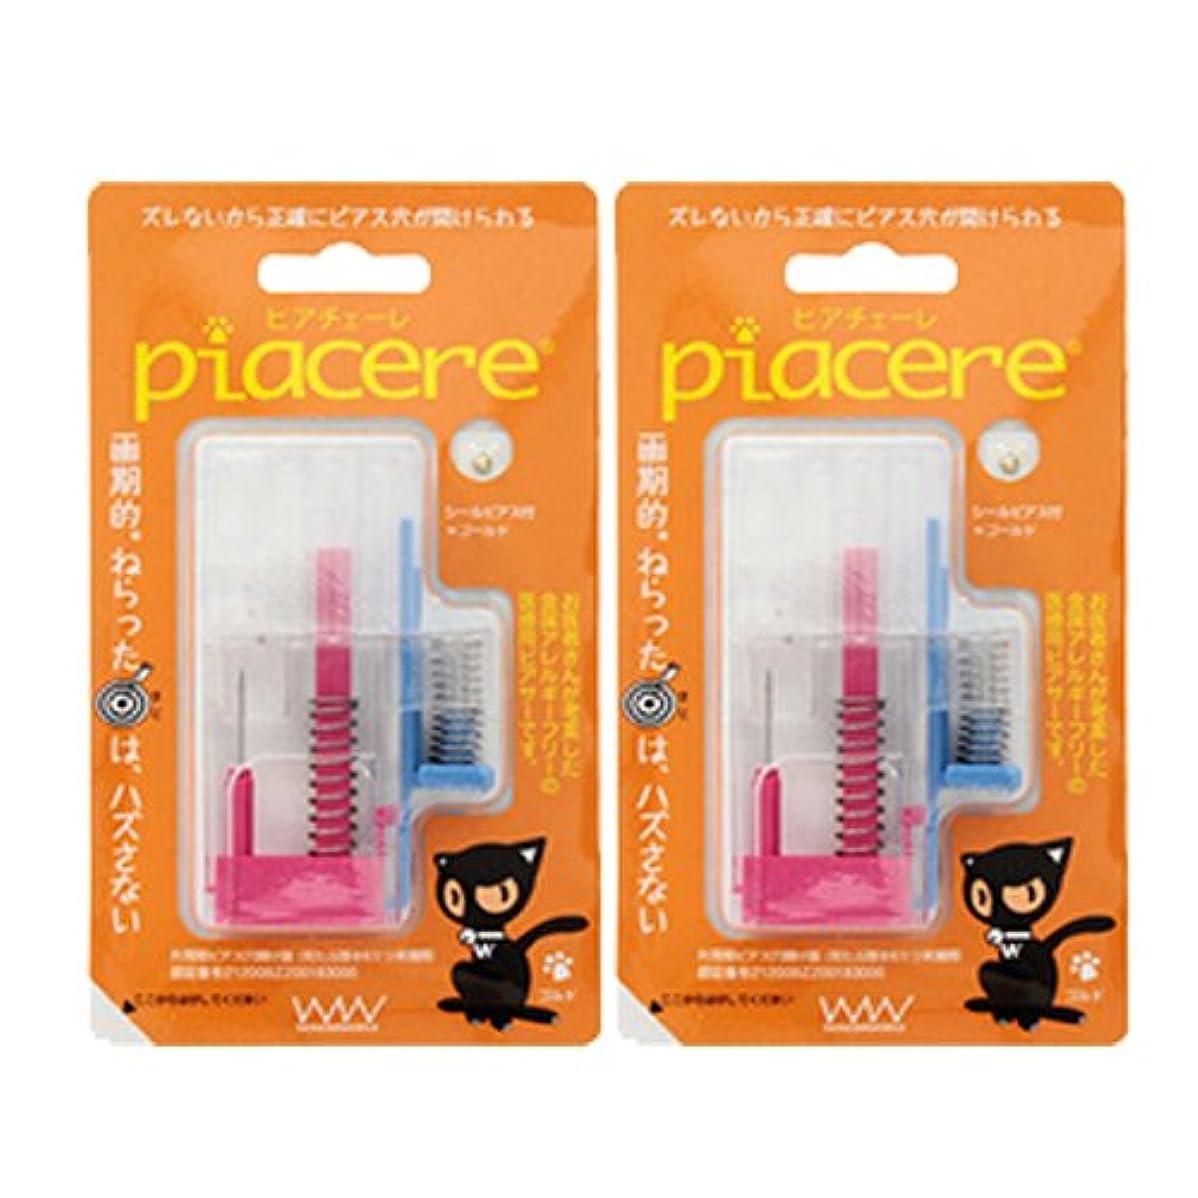 六枯渇する銛ピアッサー ピアチェーレ 医療用樹脂製ピアサー piacere 2個セット (ゴールドxゴールド) | 両耳用